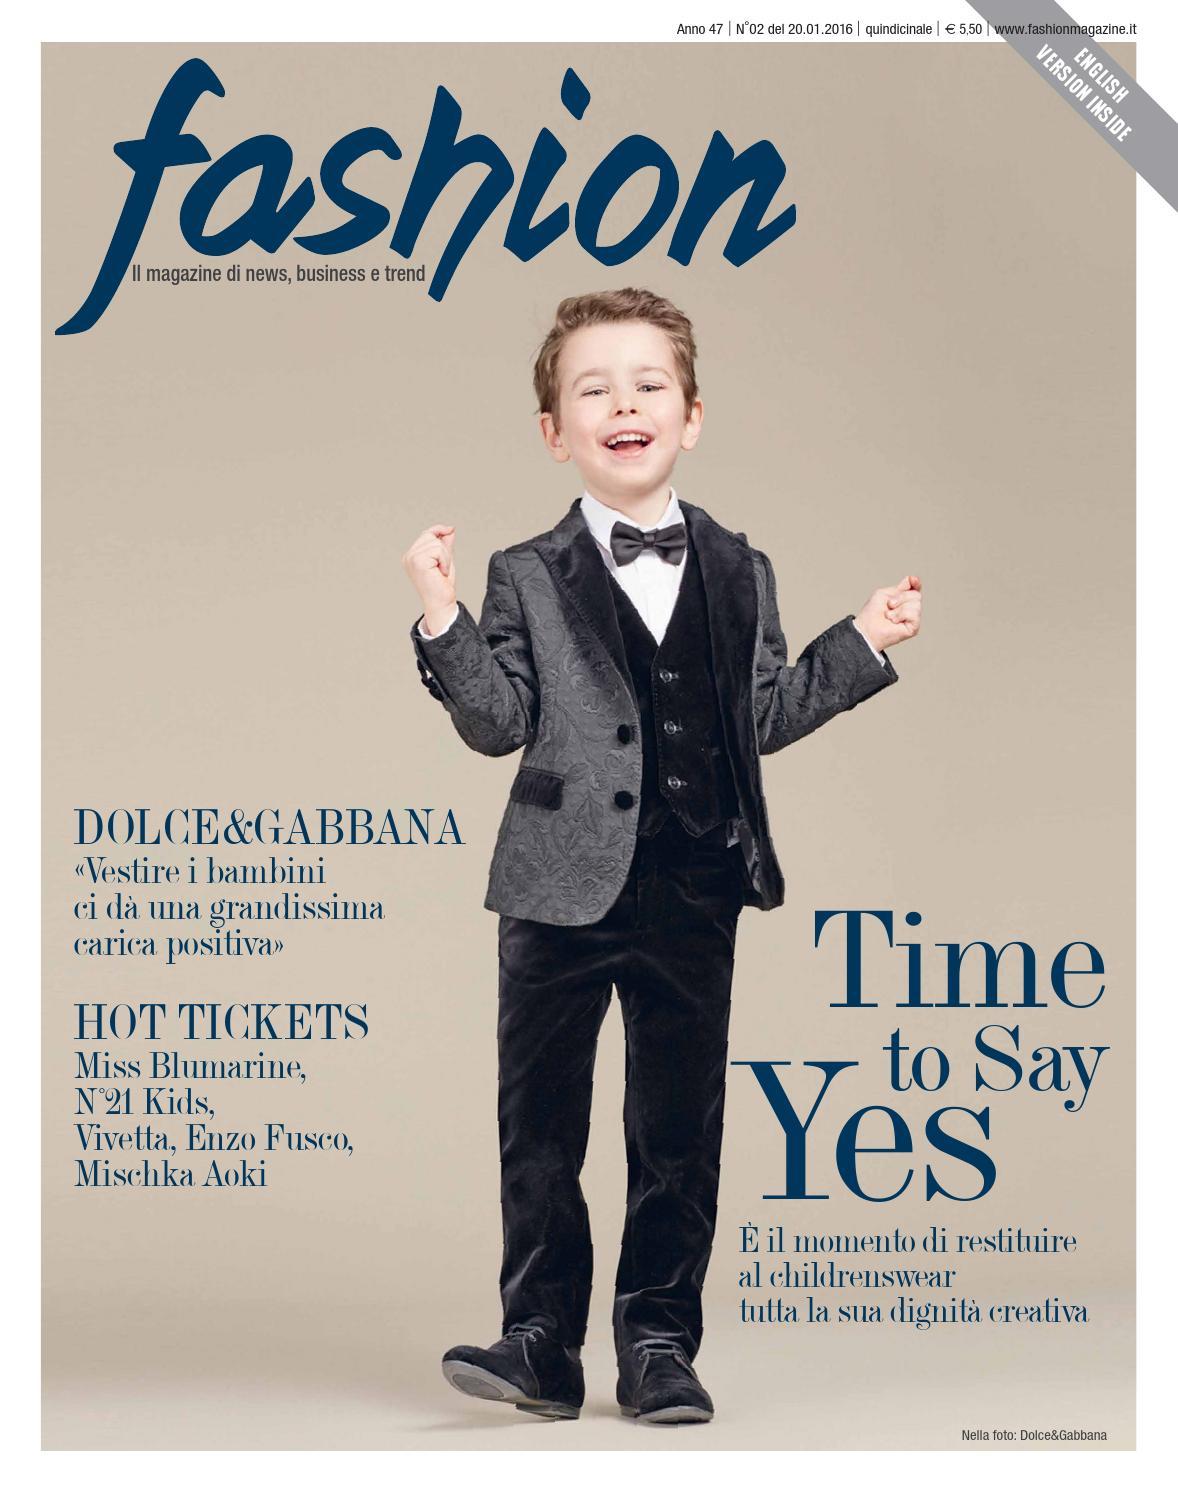 FLIP PAGE FA N 2 2016 by Fashionmagazine - issuu 3700dcffff5